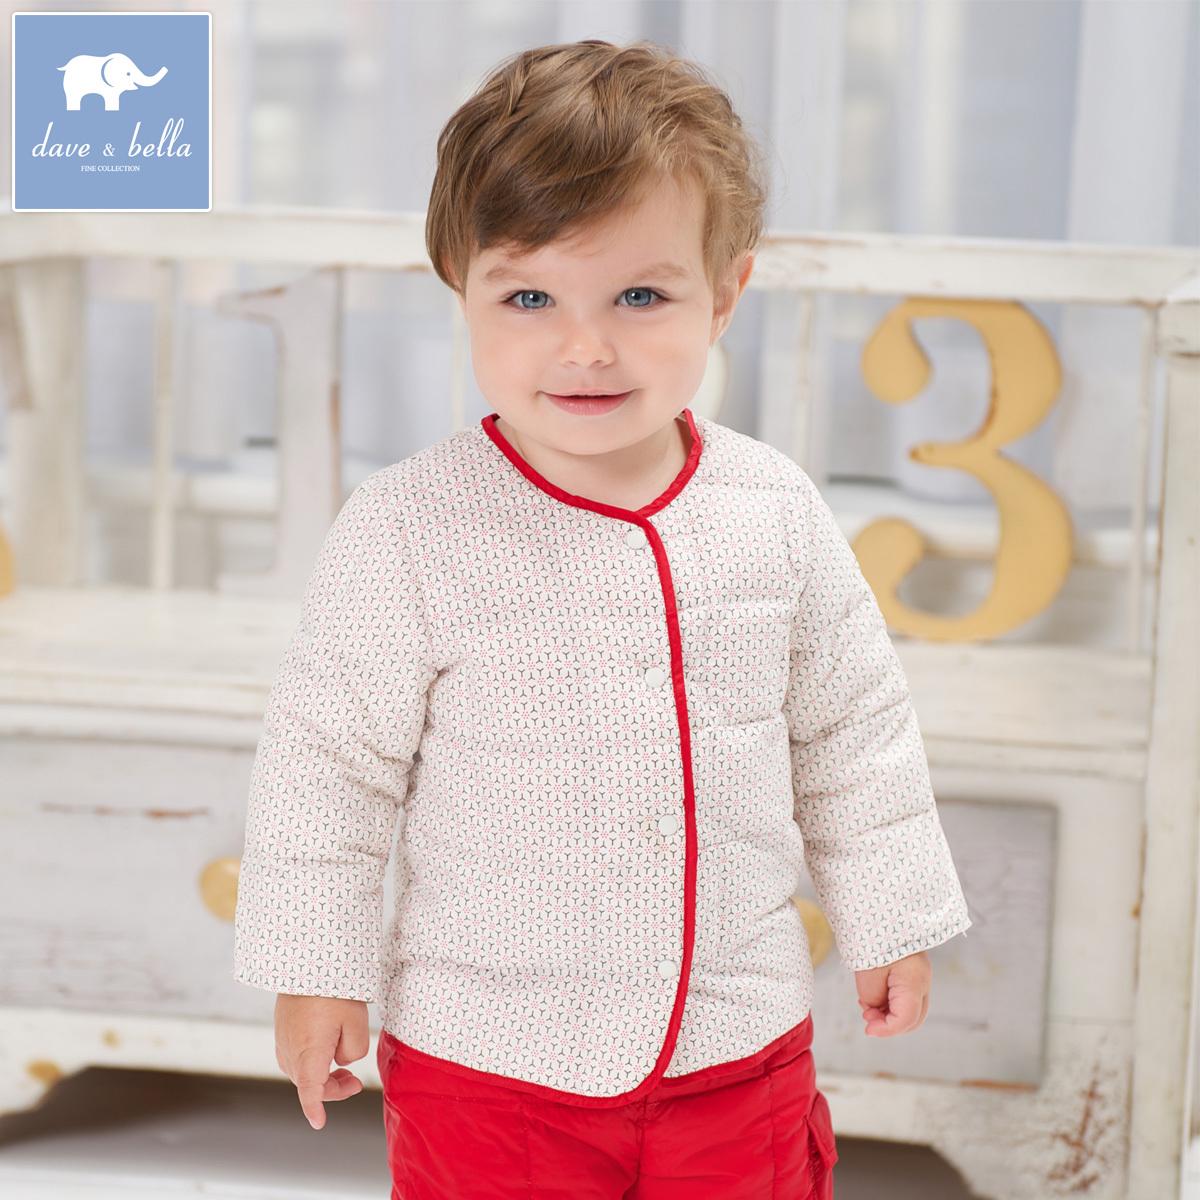 Вниз пальто для осень/зима davebella daiweibeila ребенка новорожденного перо безрукавка YR